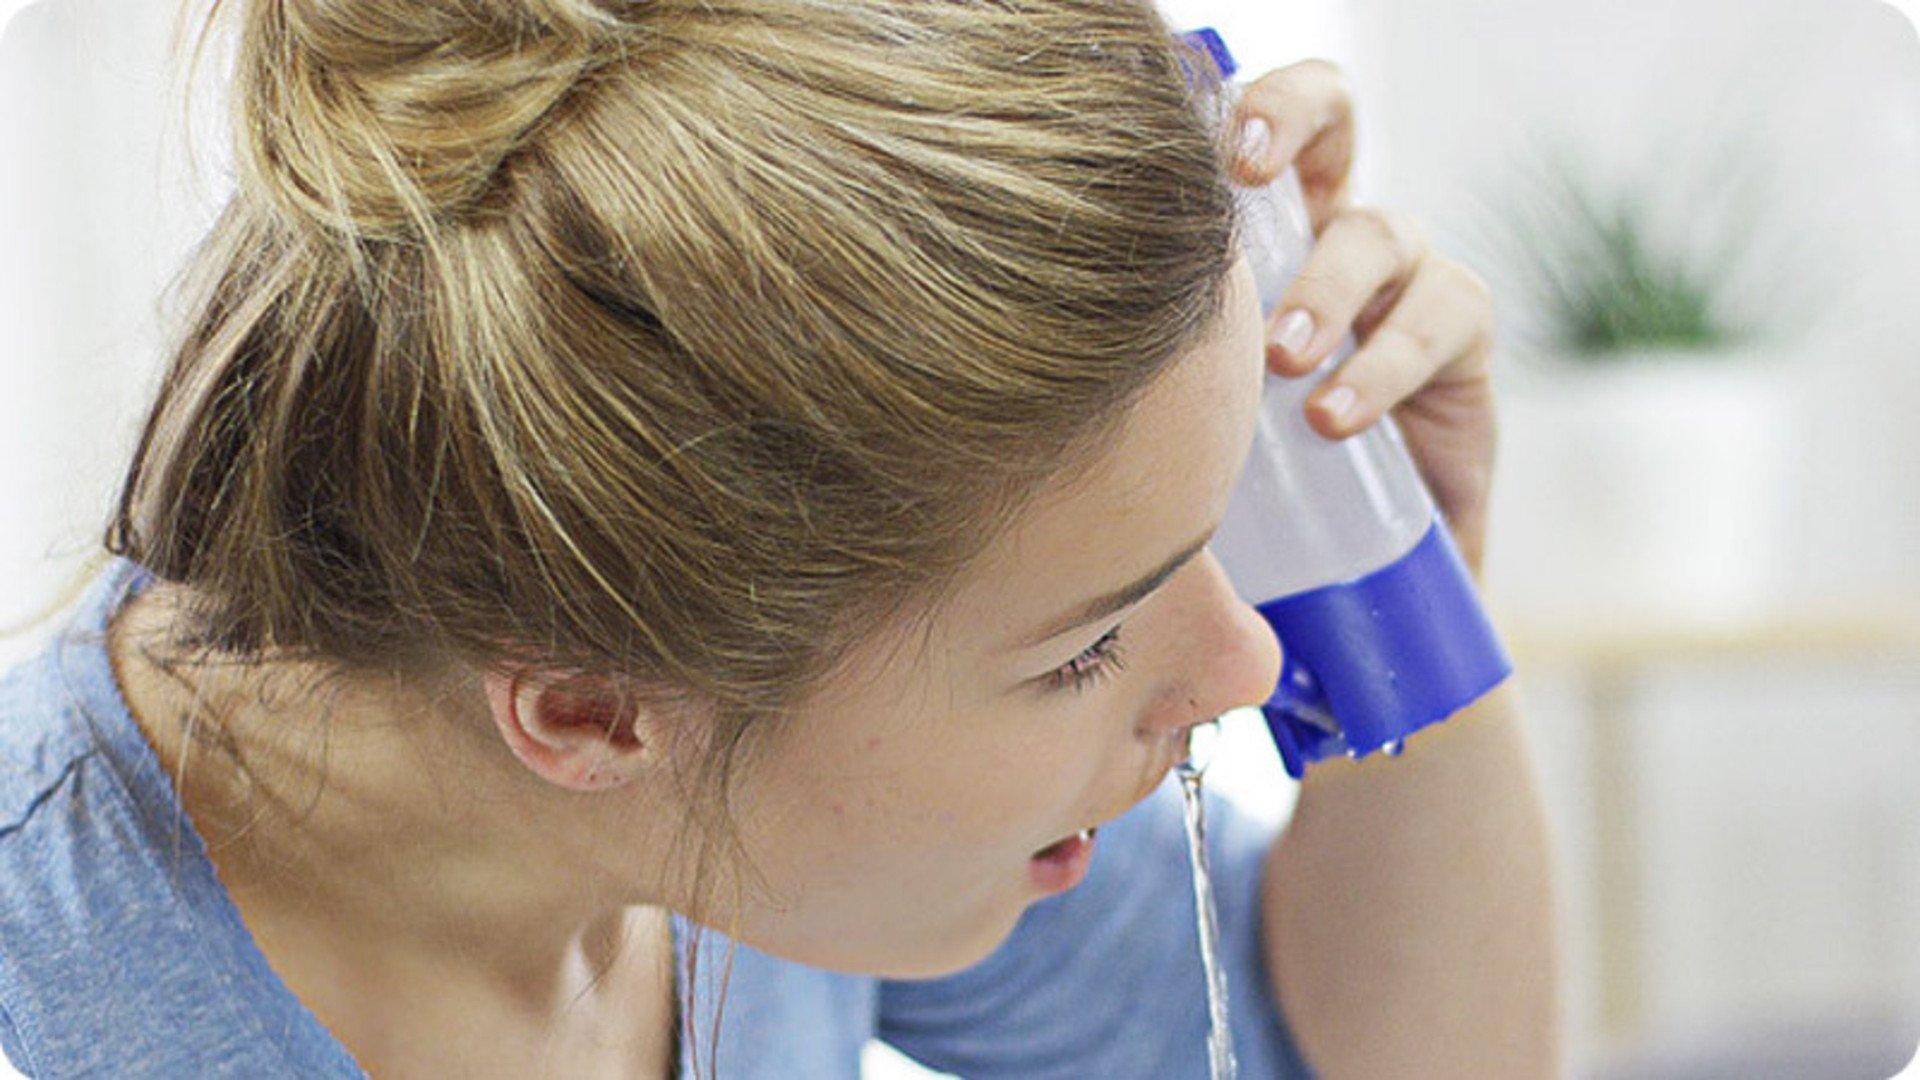 Wie können wir also den Symptomen eines allergischen Schnupfens vorbeugen?